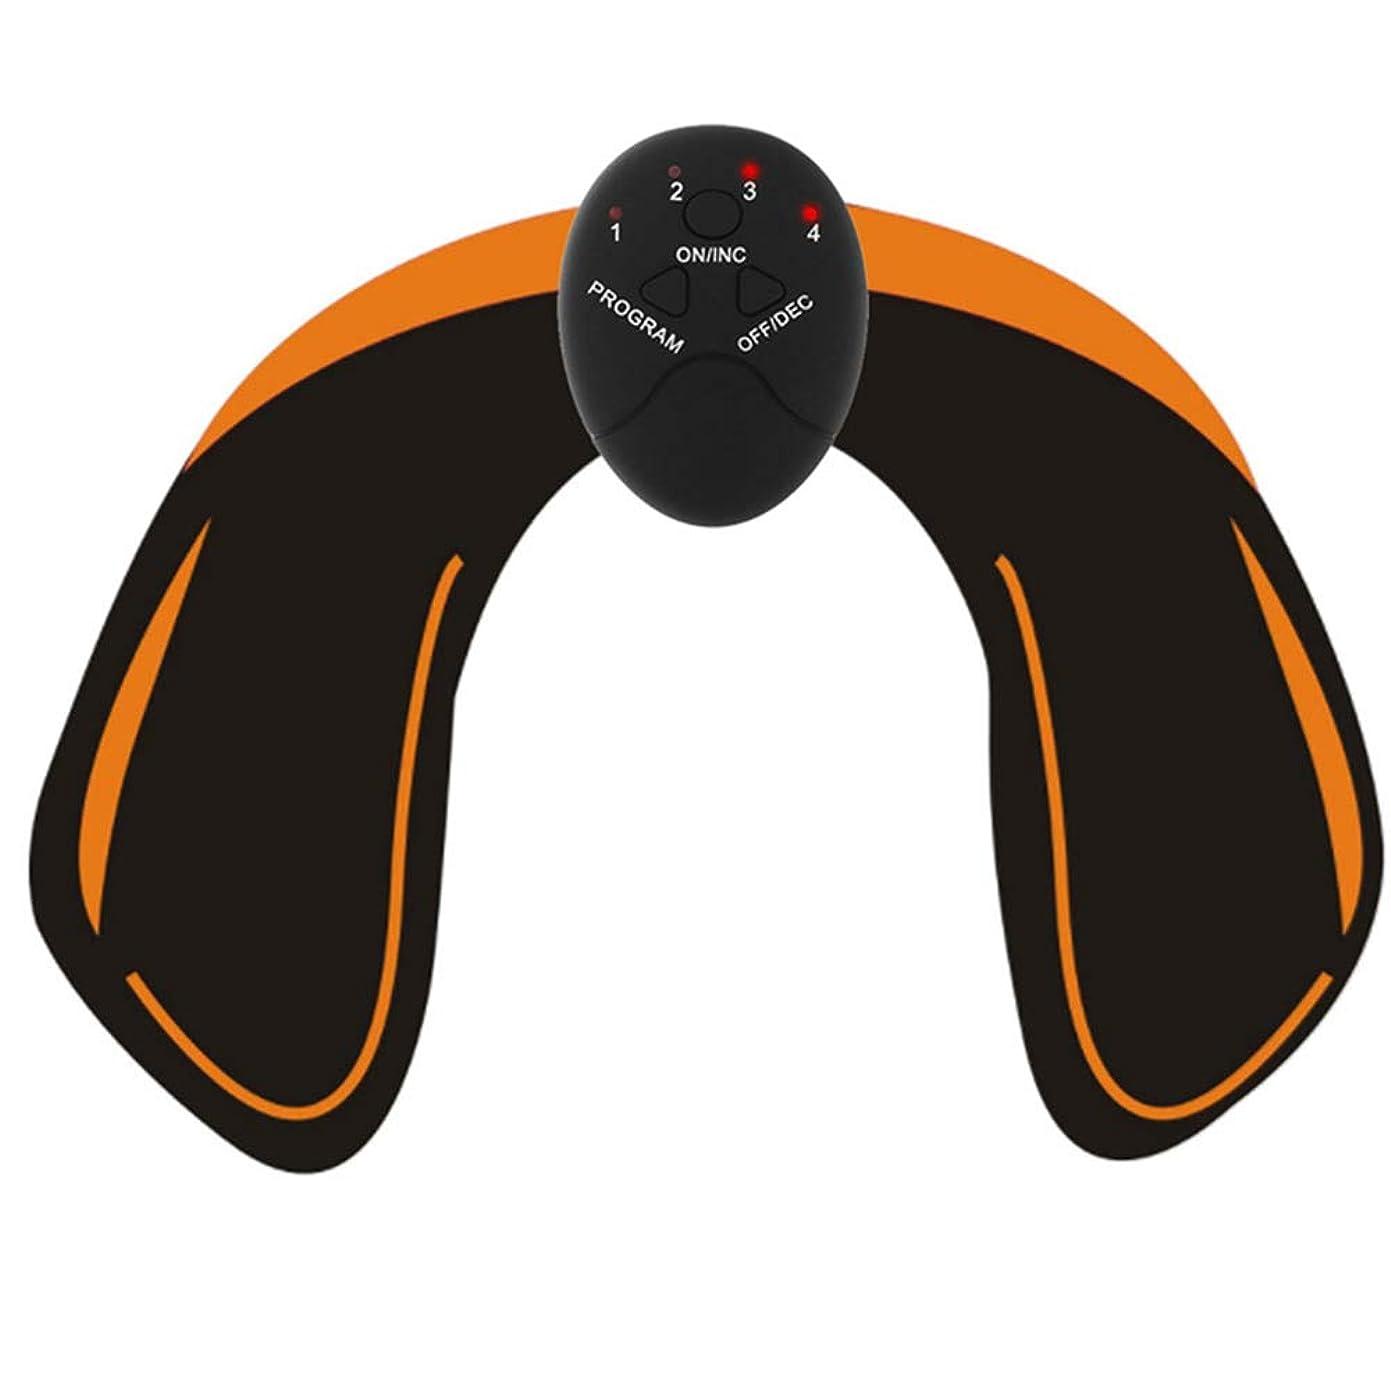 ますます準拠切断するEMSヒップトレーナーマッスルスティミュレーターABSフィットネス尻尻尻を持ち上げるトナートレーナースリミングマッサージャーユニセックス